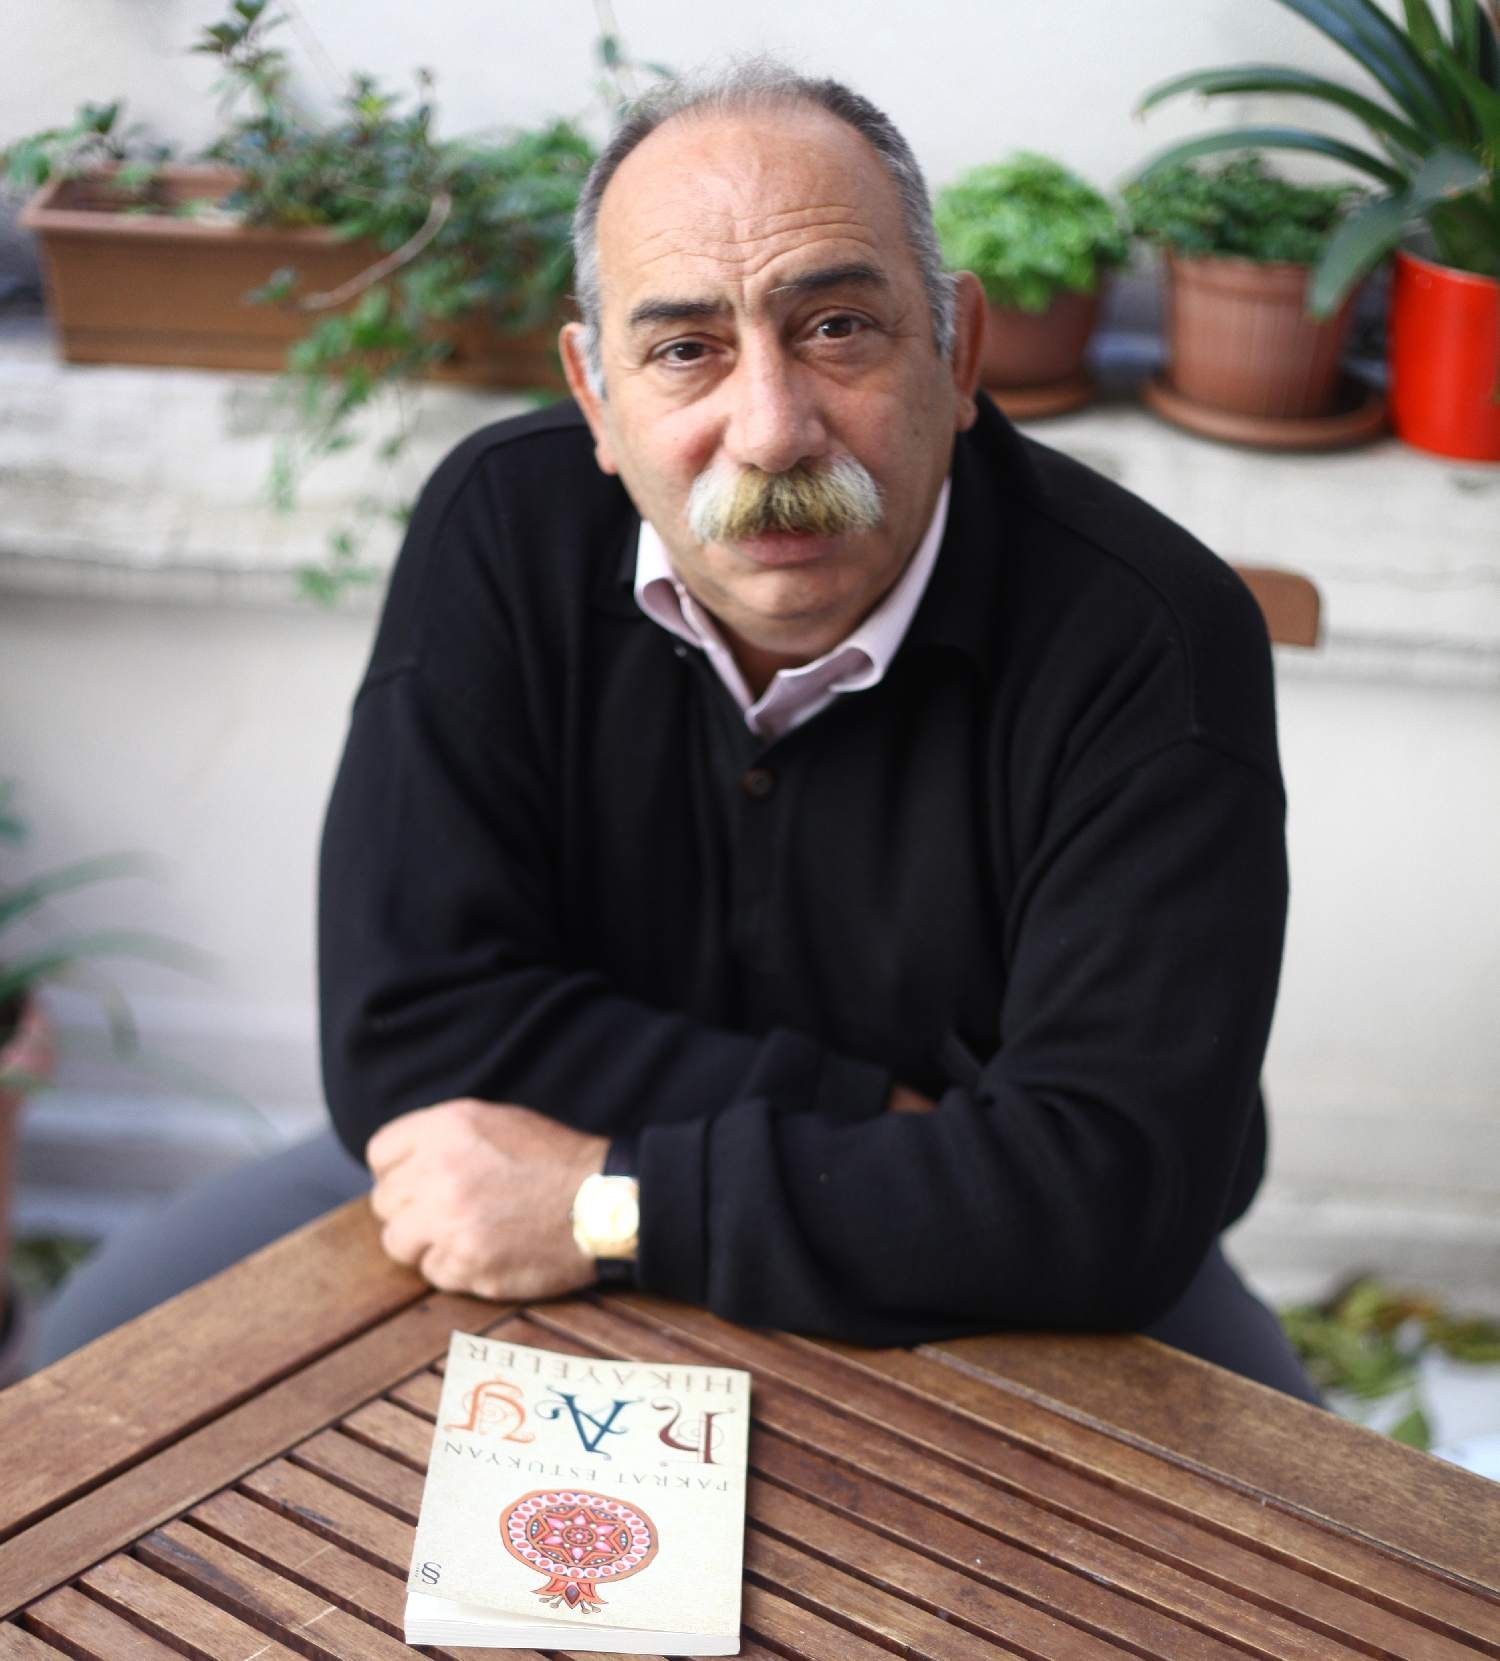 Թուրքական մամուլում Հռոմի պապի այցը Հայաստան այդպես էլ առաջին էջում չհայտնվեց. «Ակօս»-ի խմբագիր